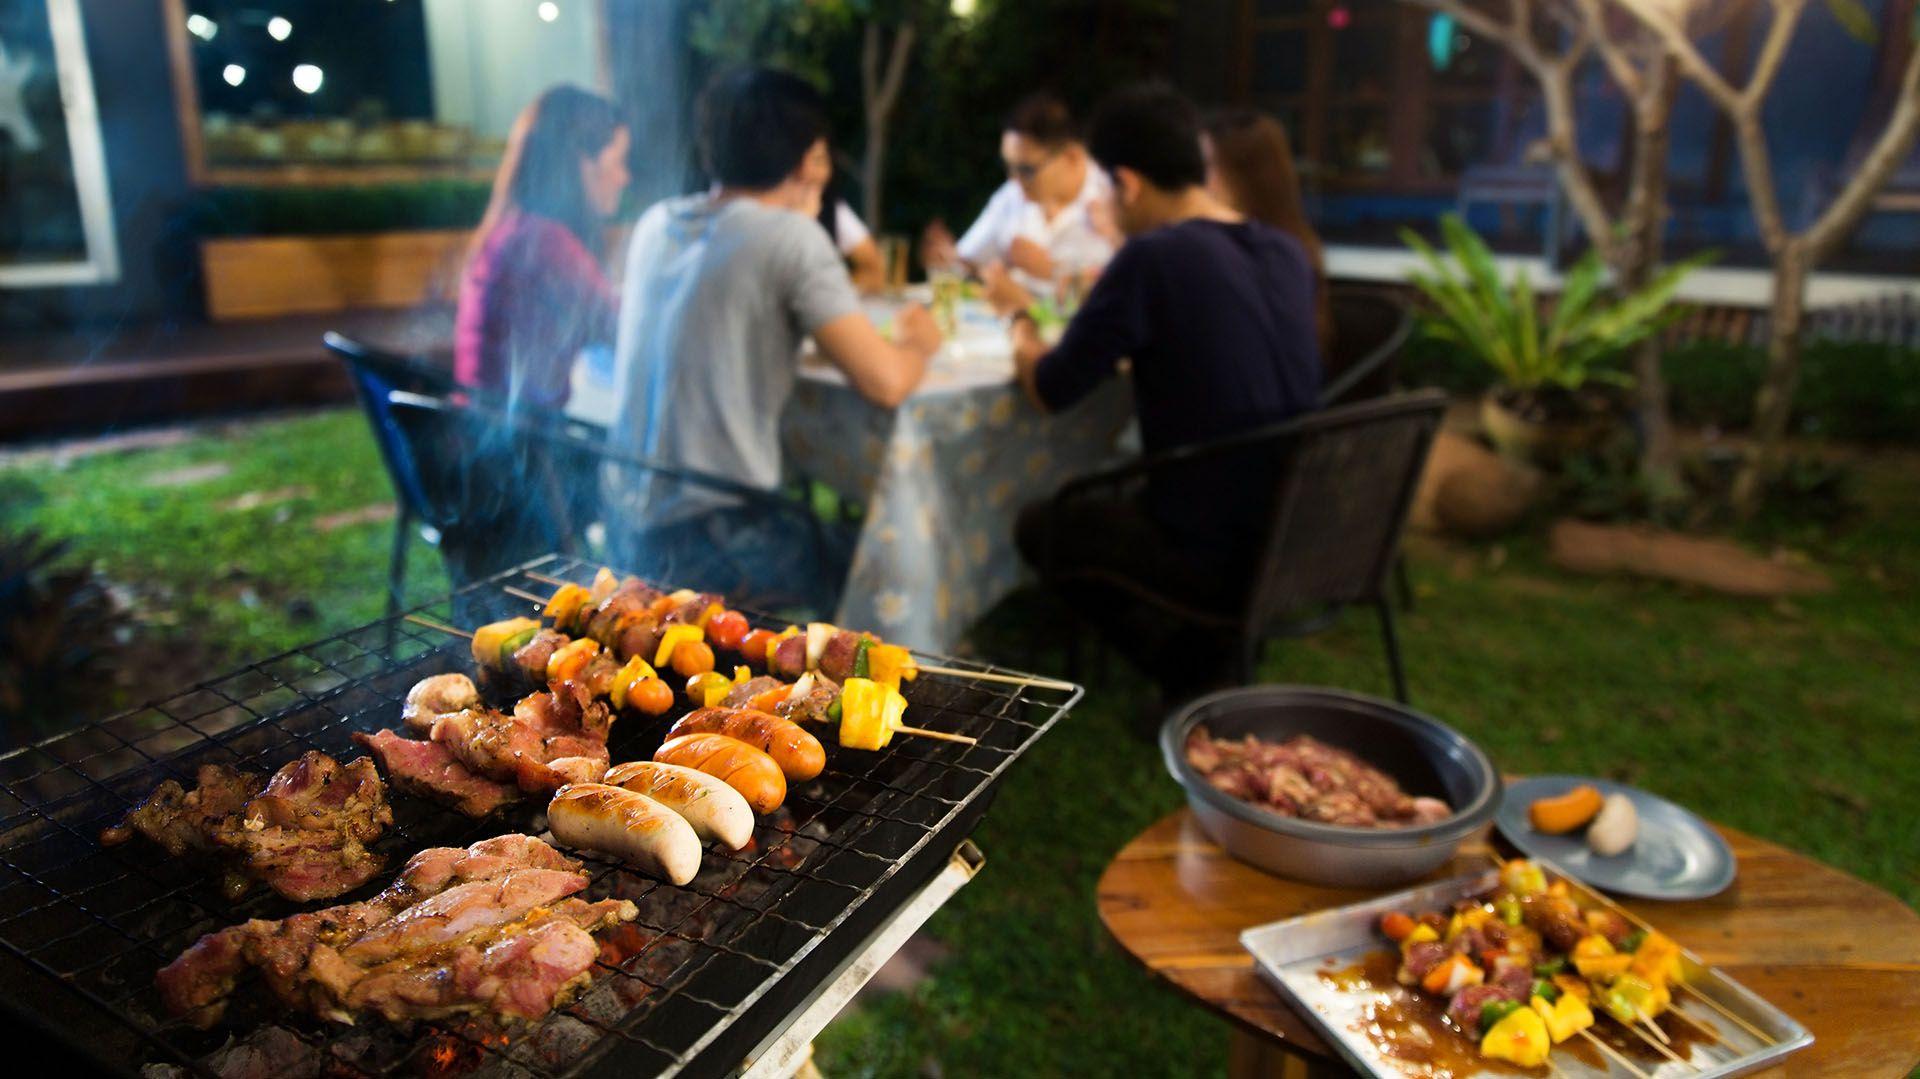 Los argentinos consumen más carne de la recomendada y eligen los cortes más grasos (Shutterstock)